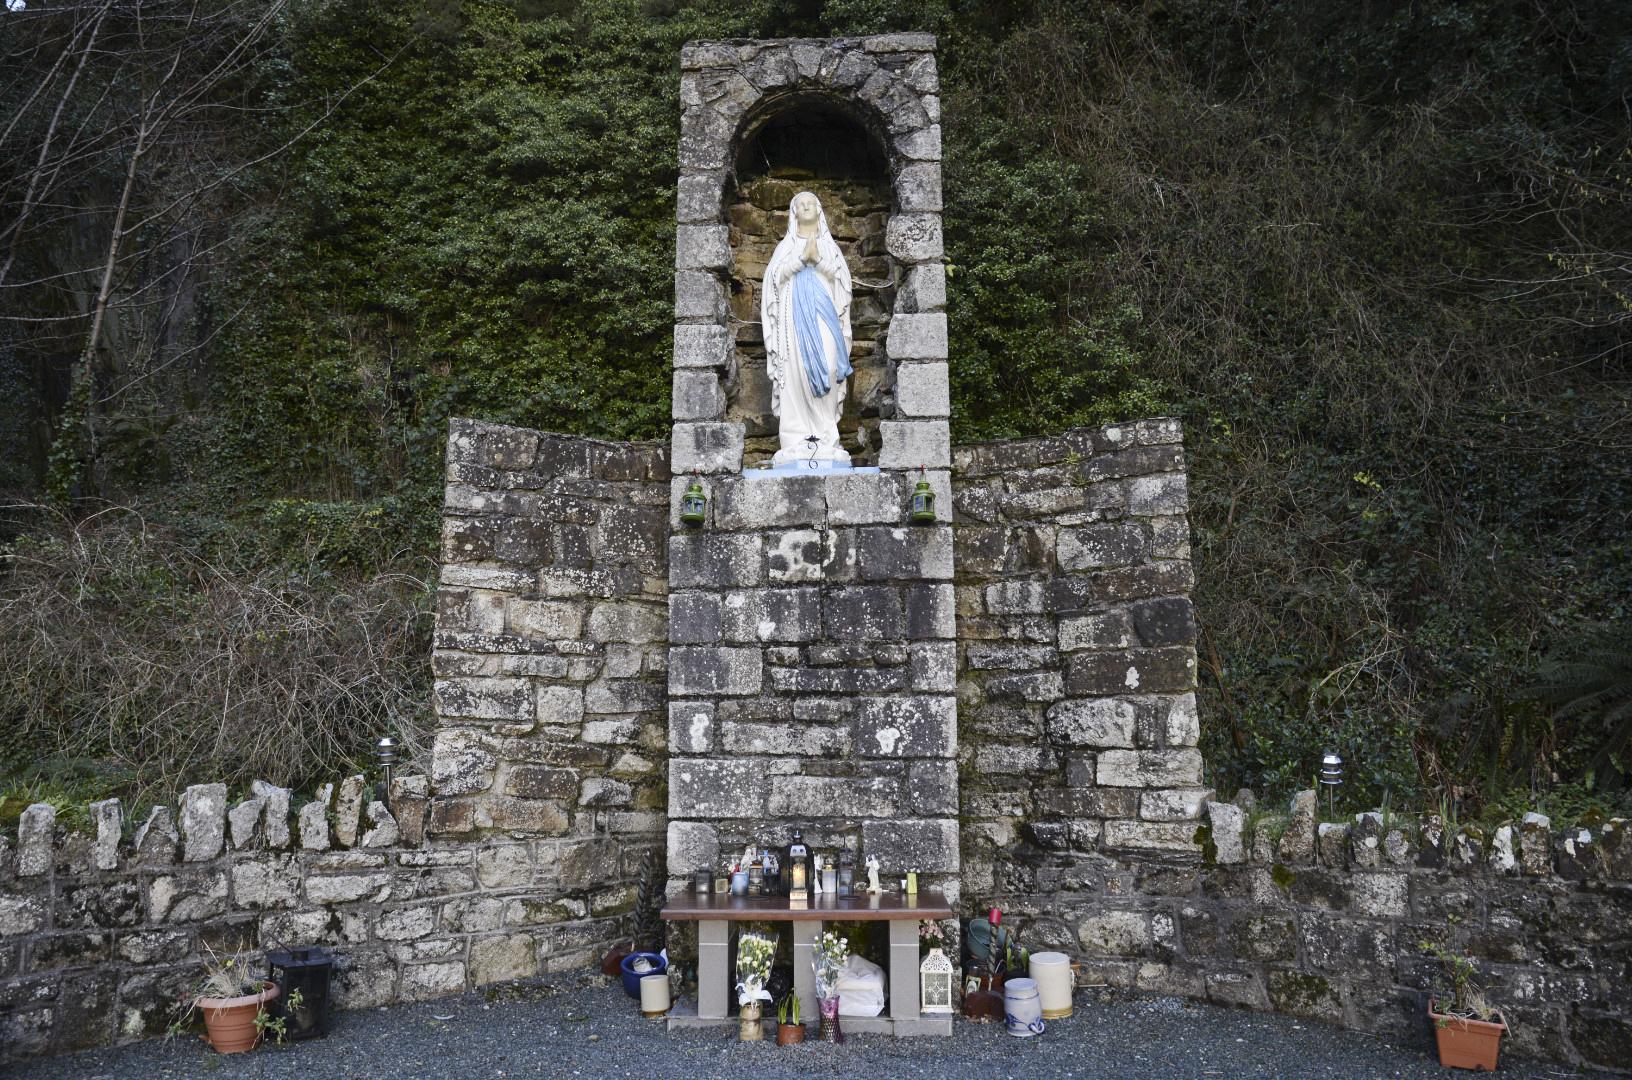 Rathdrum Mary